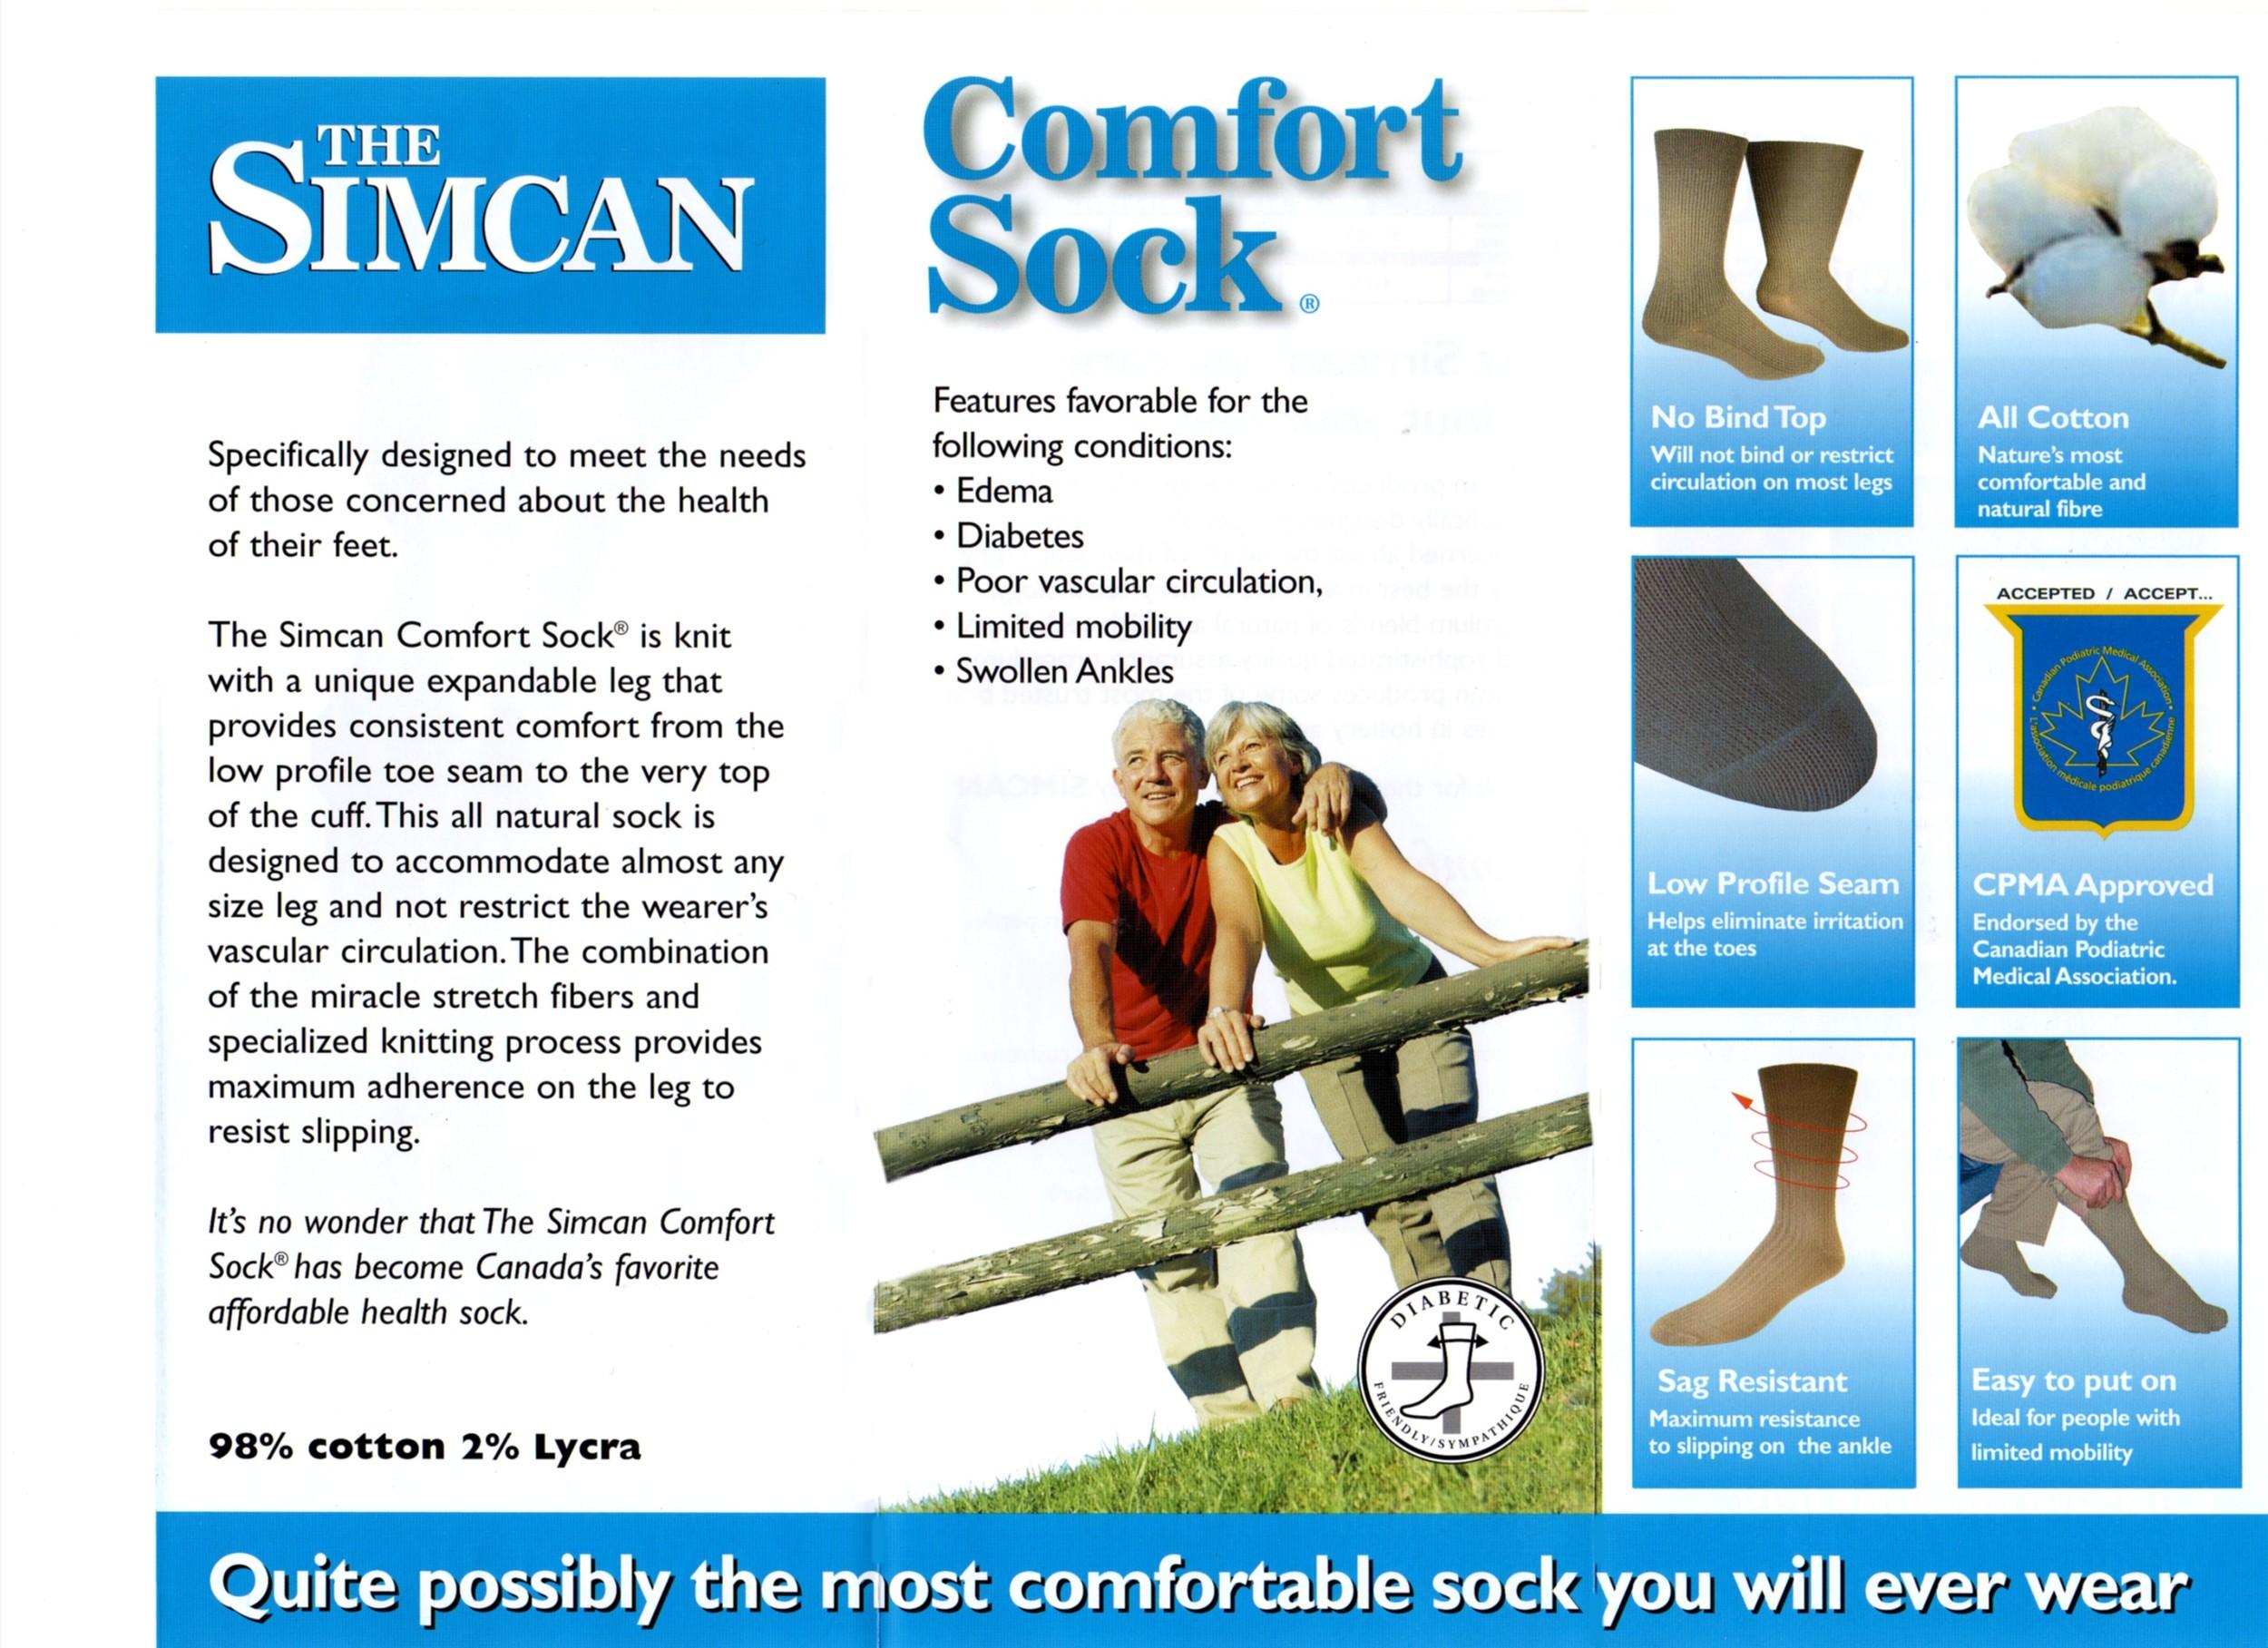 Simcan Comfort Sock Info